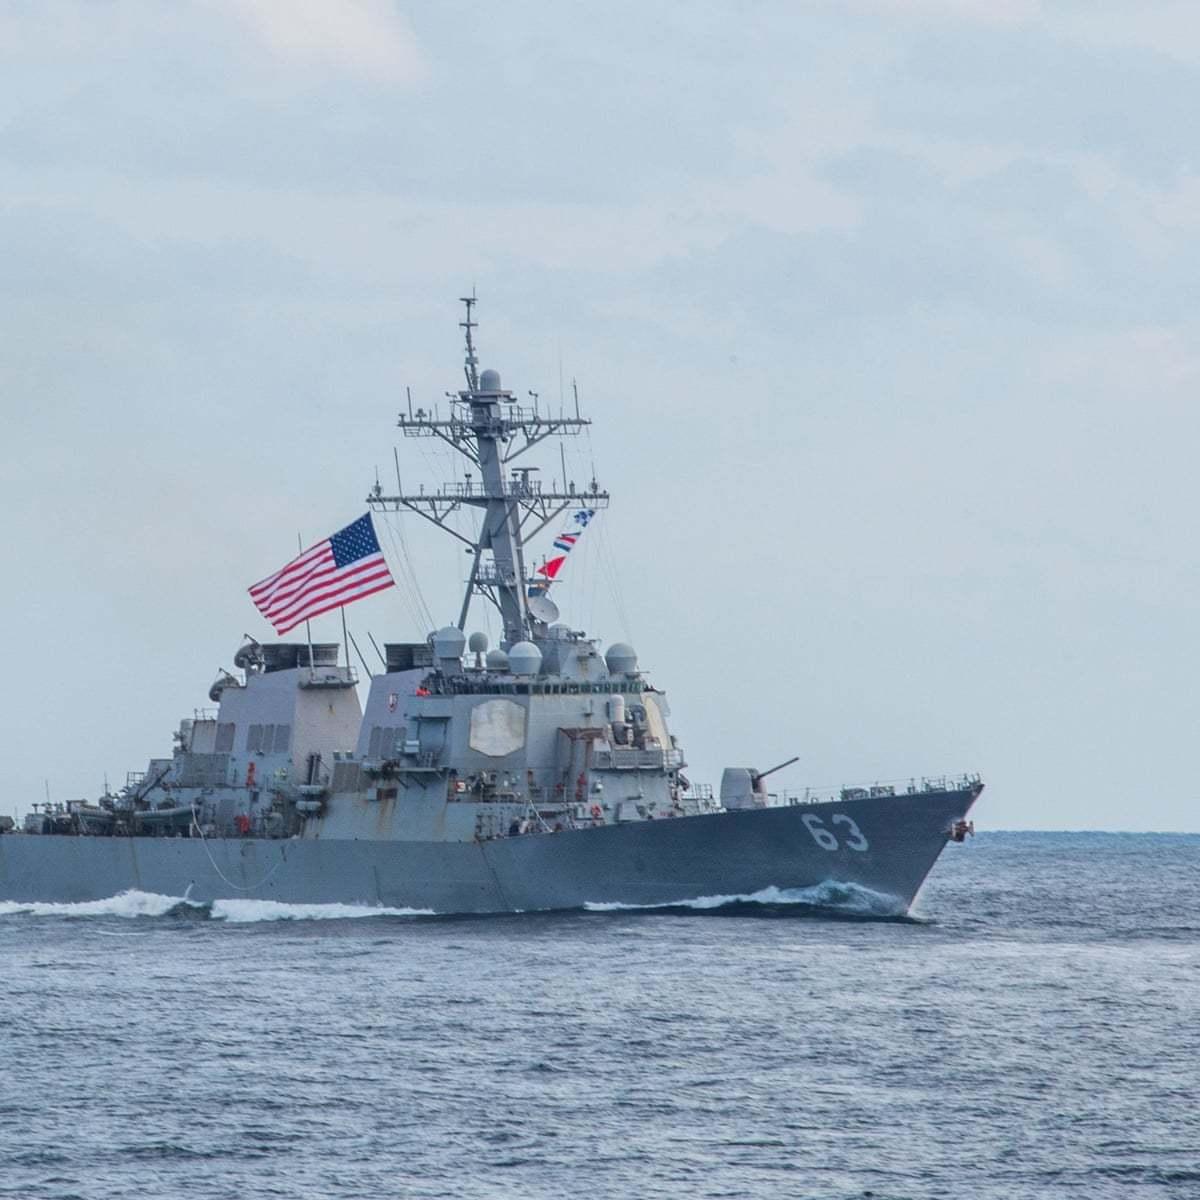 普京禁止乌克兰海军进出亚速海,4月15日,乌克兰称要造核武自卫